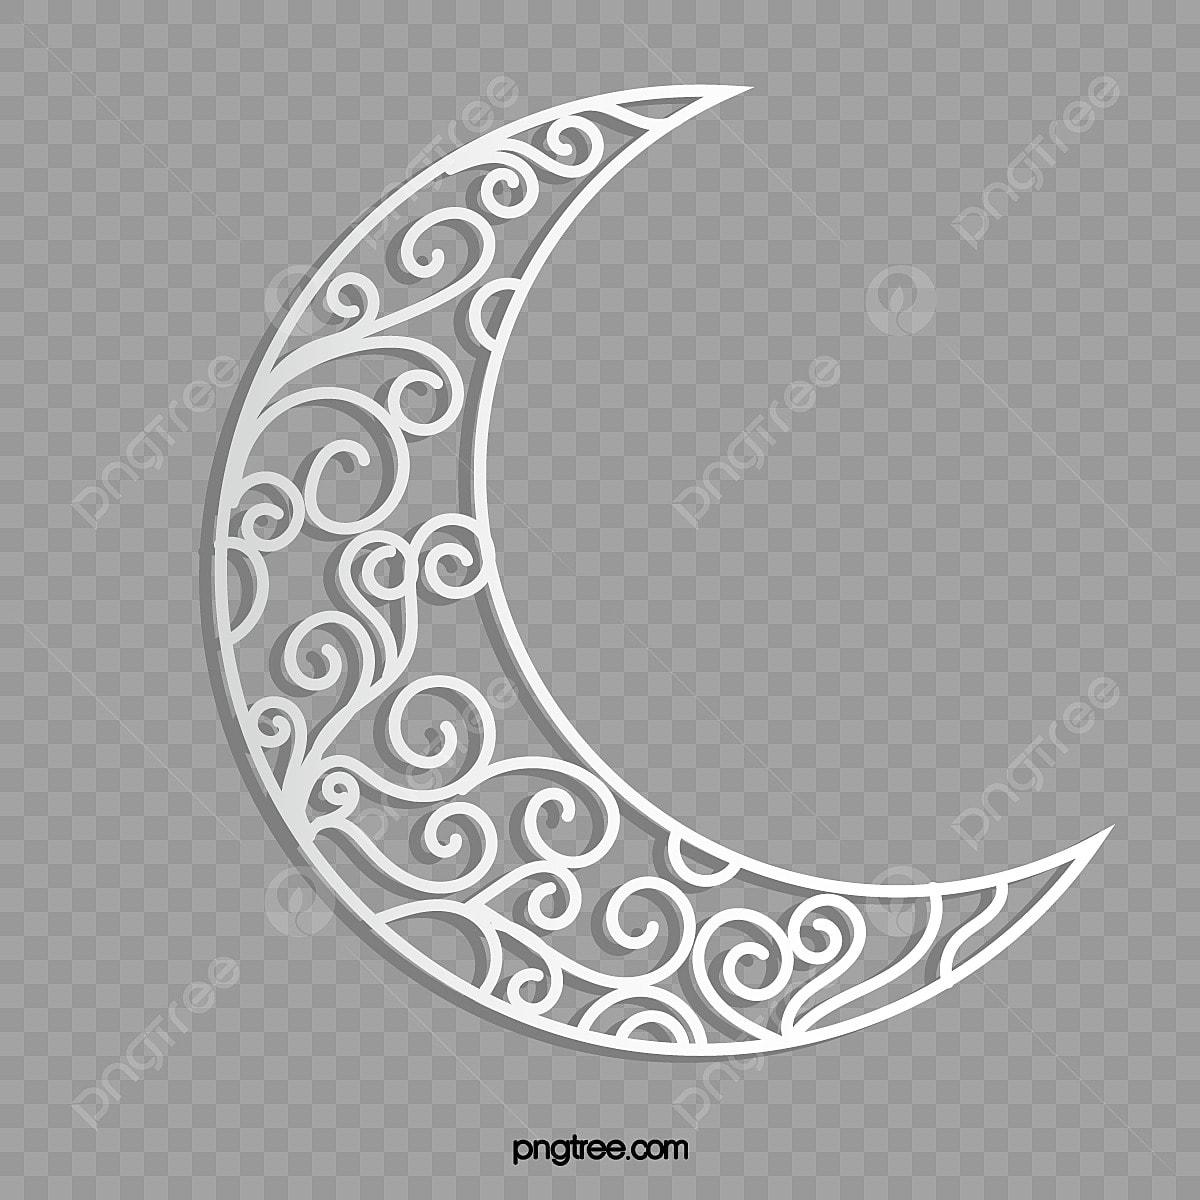 la lune  u00e9toiles de dessins anim u00e9s la lune les  u00e9toiles